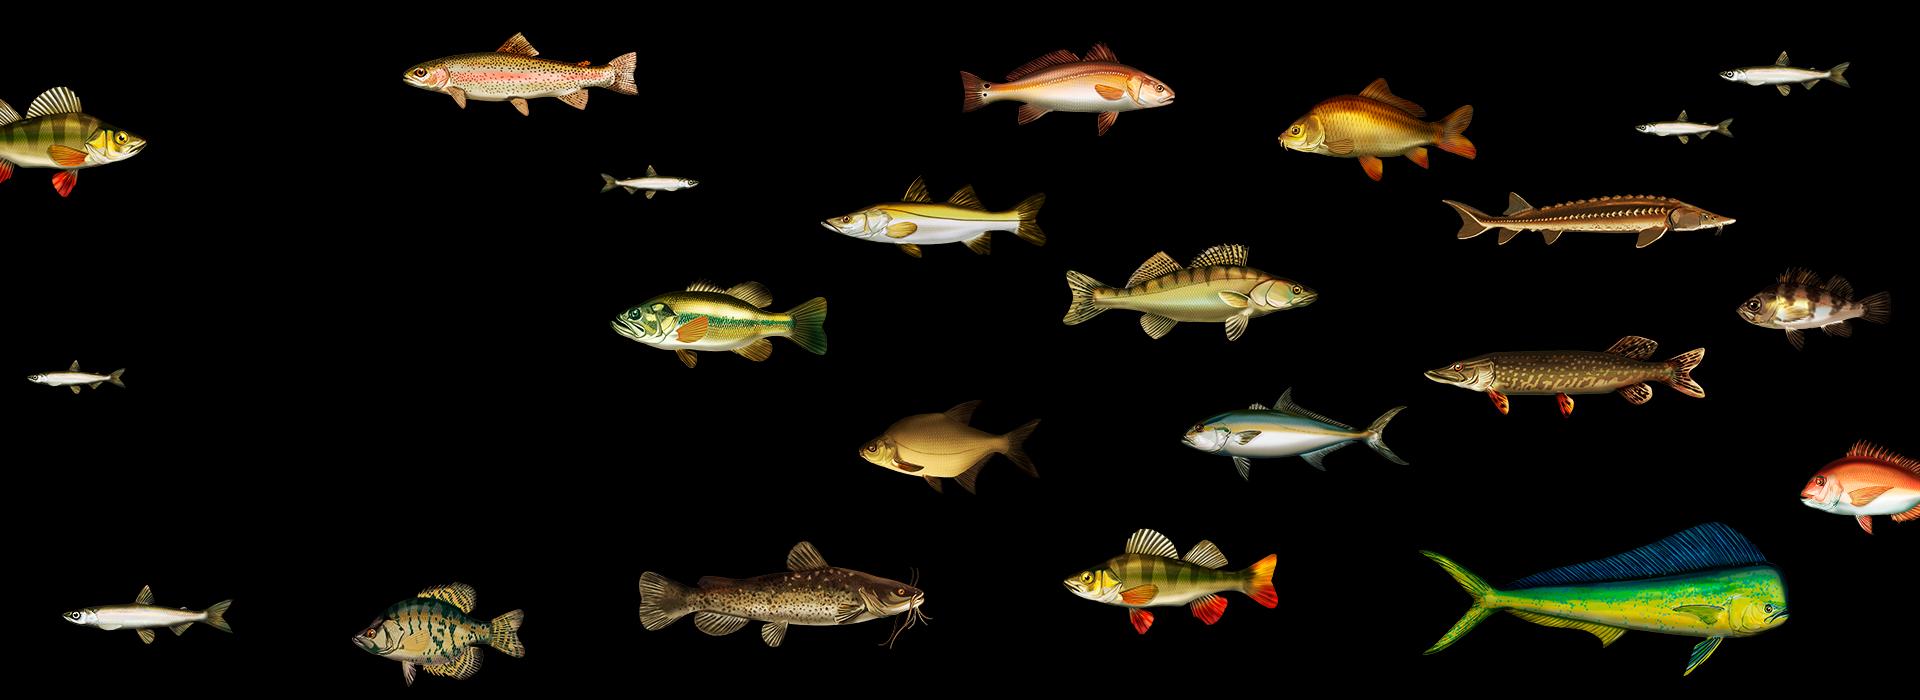 Nappaa kaikenlaiset kalat yhden kaikuluotaimen avullaonKalasta Deeperillä!